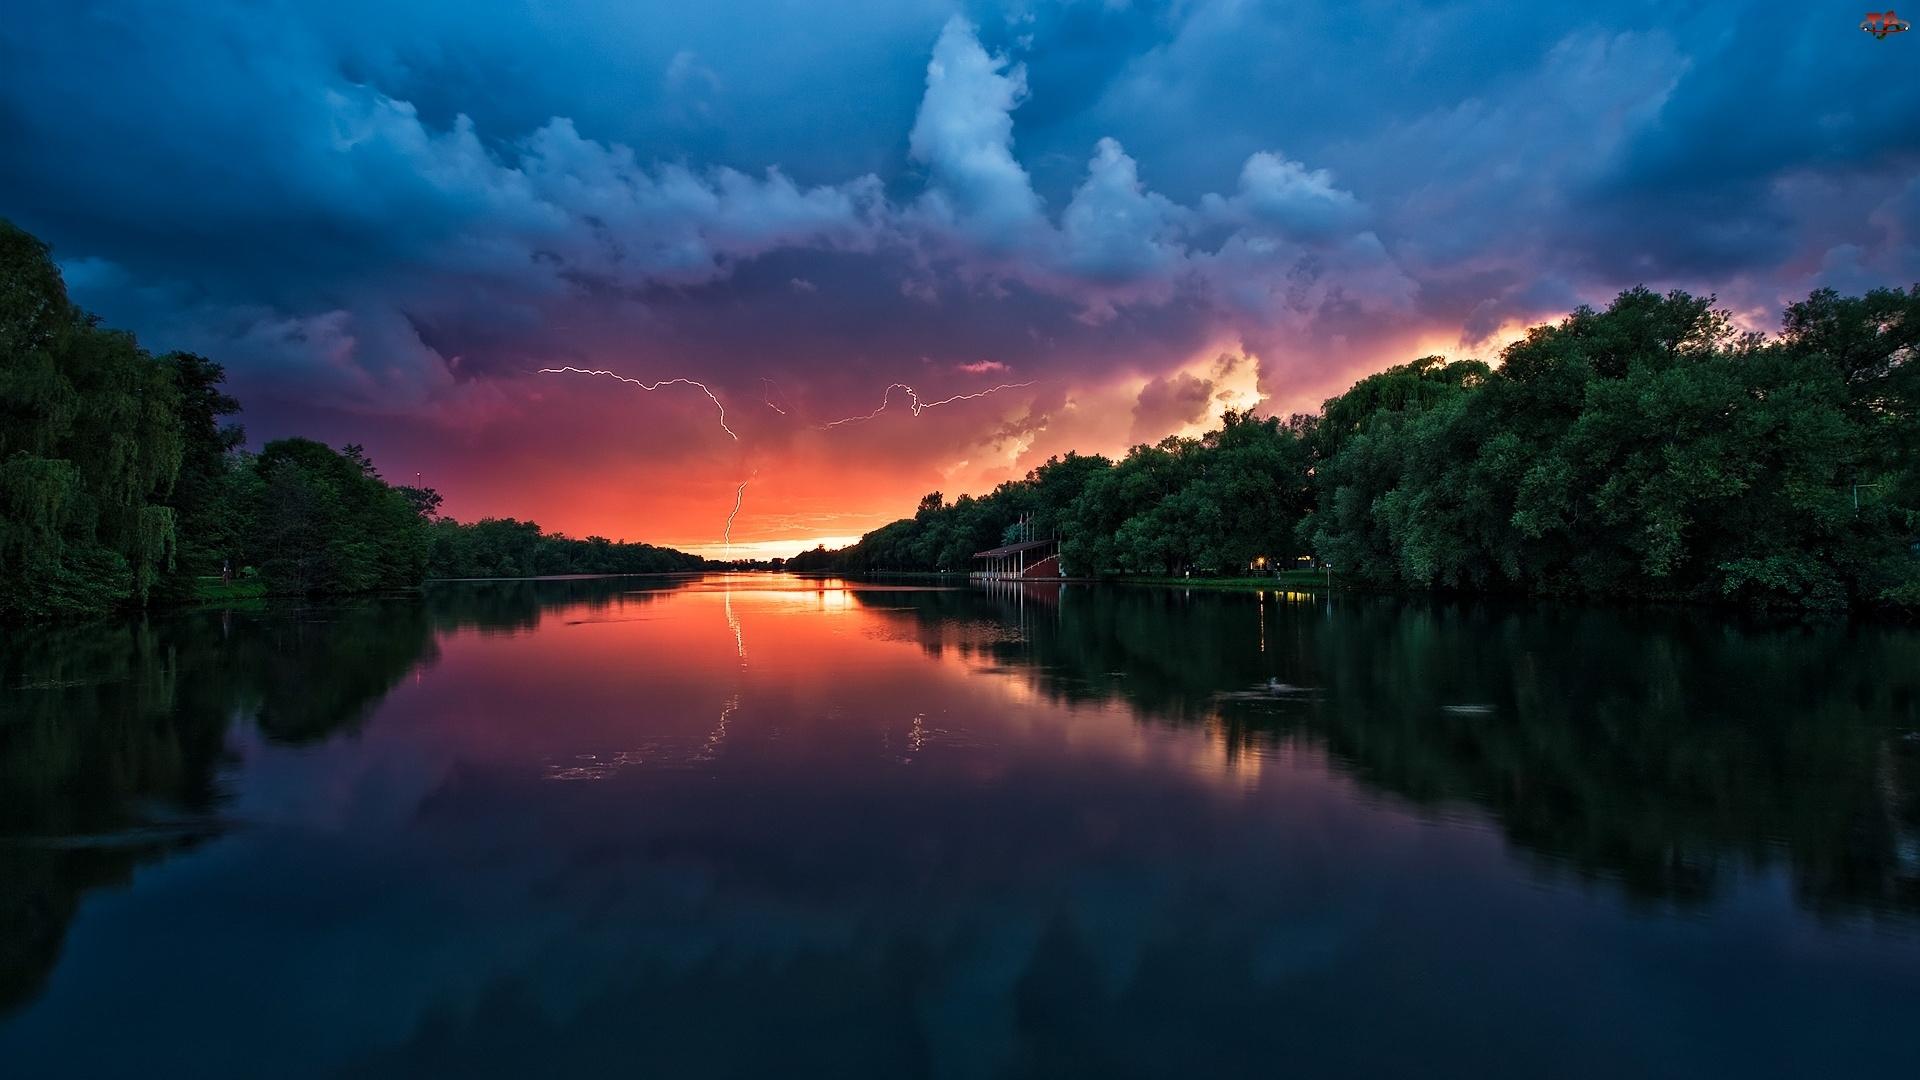 Duża, Burza, Rzeka, Nadciągająca